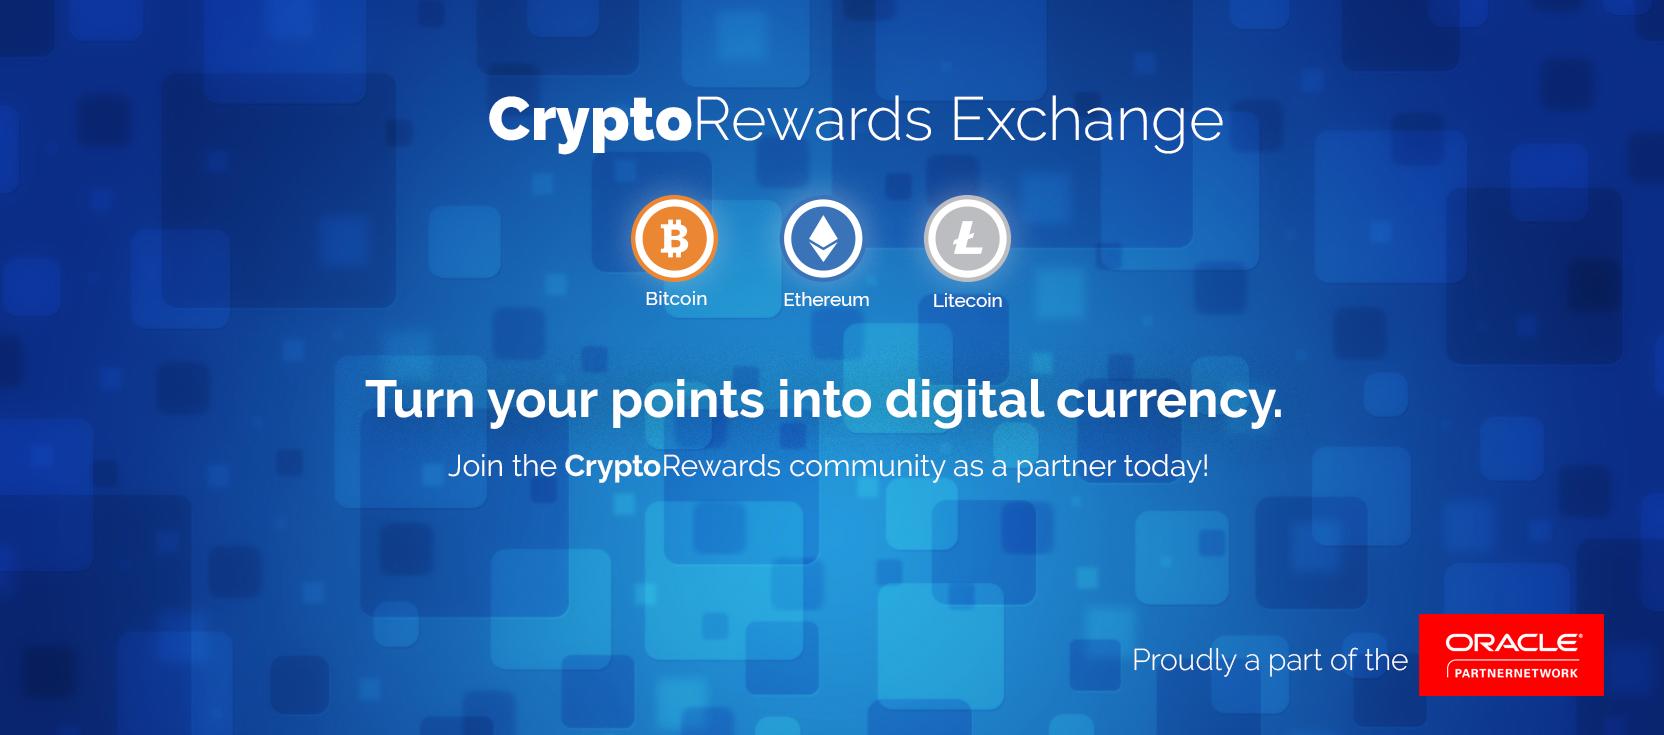 CryptoHomePage_Oracle.png